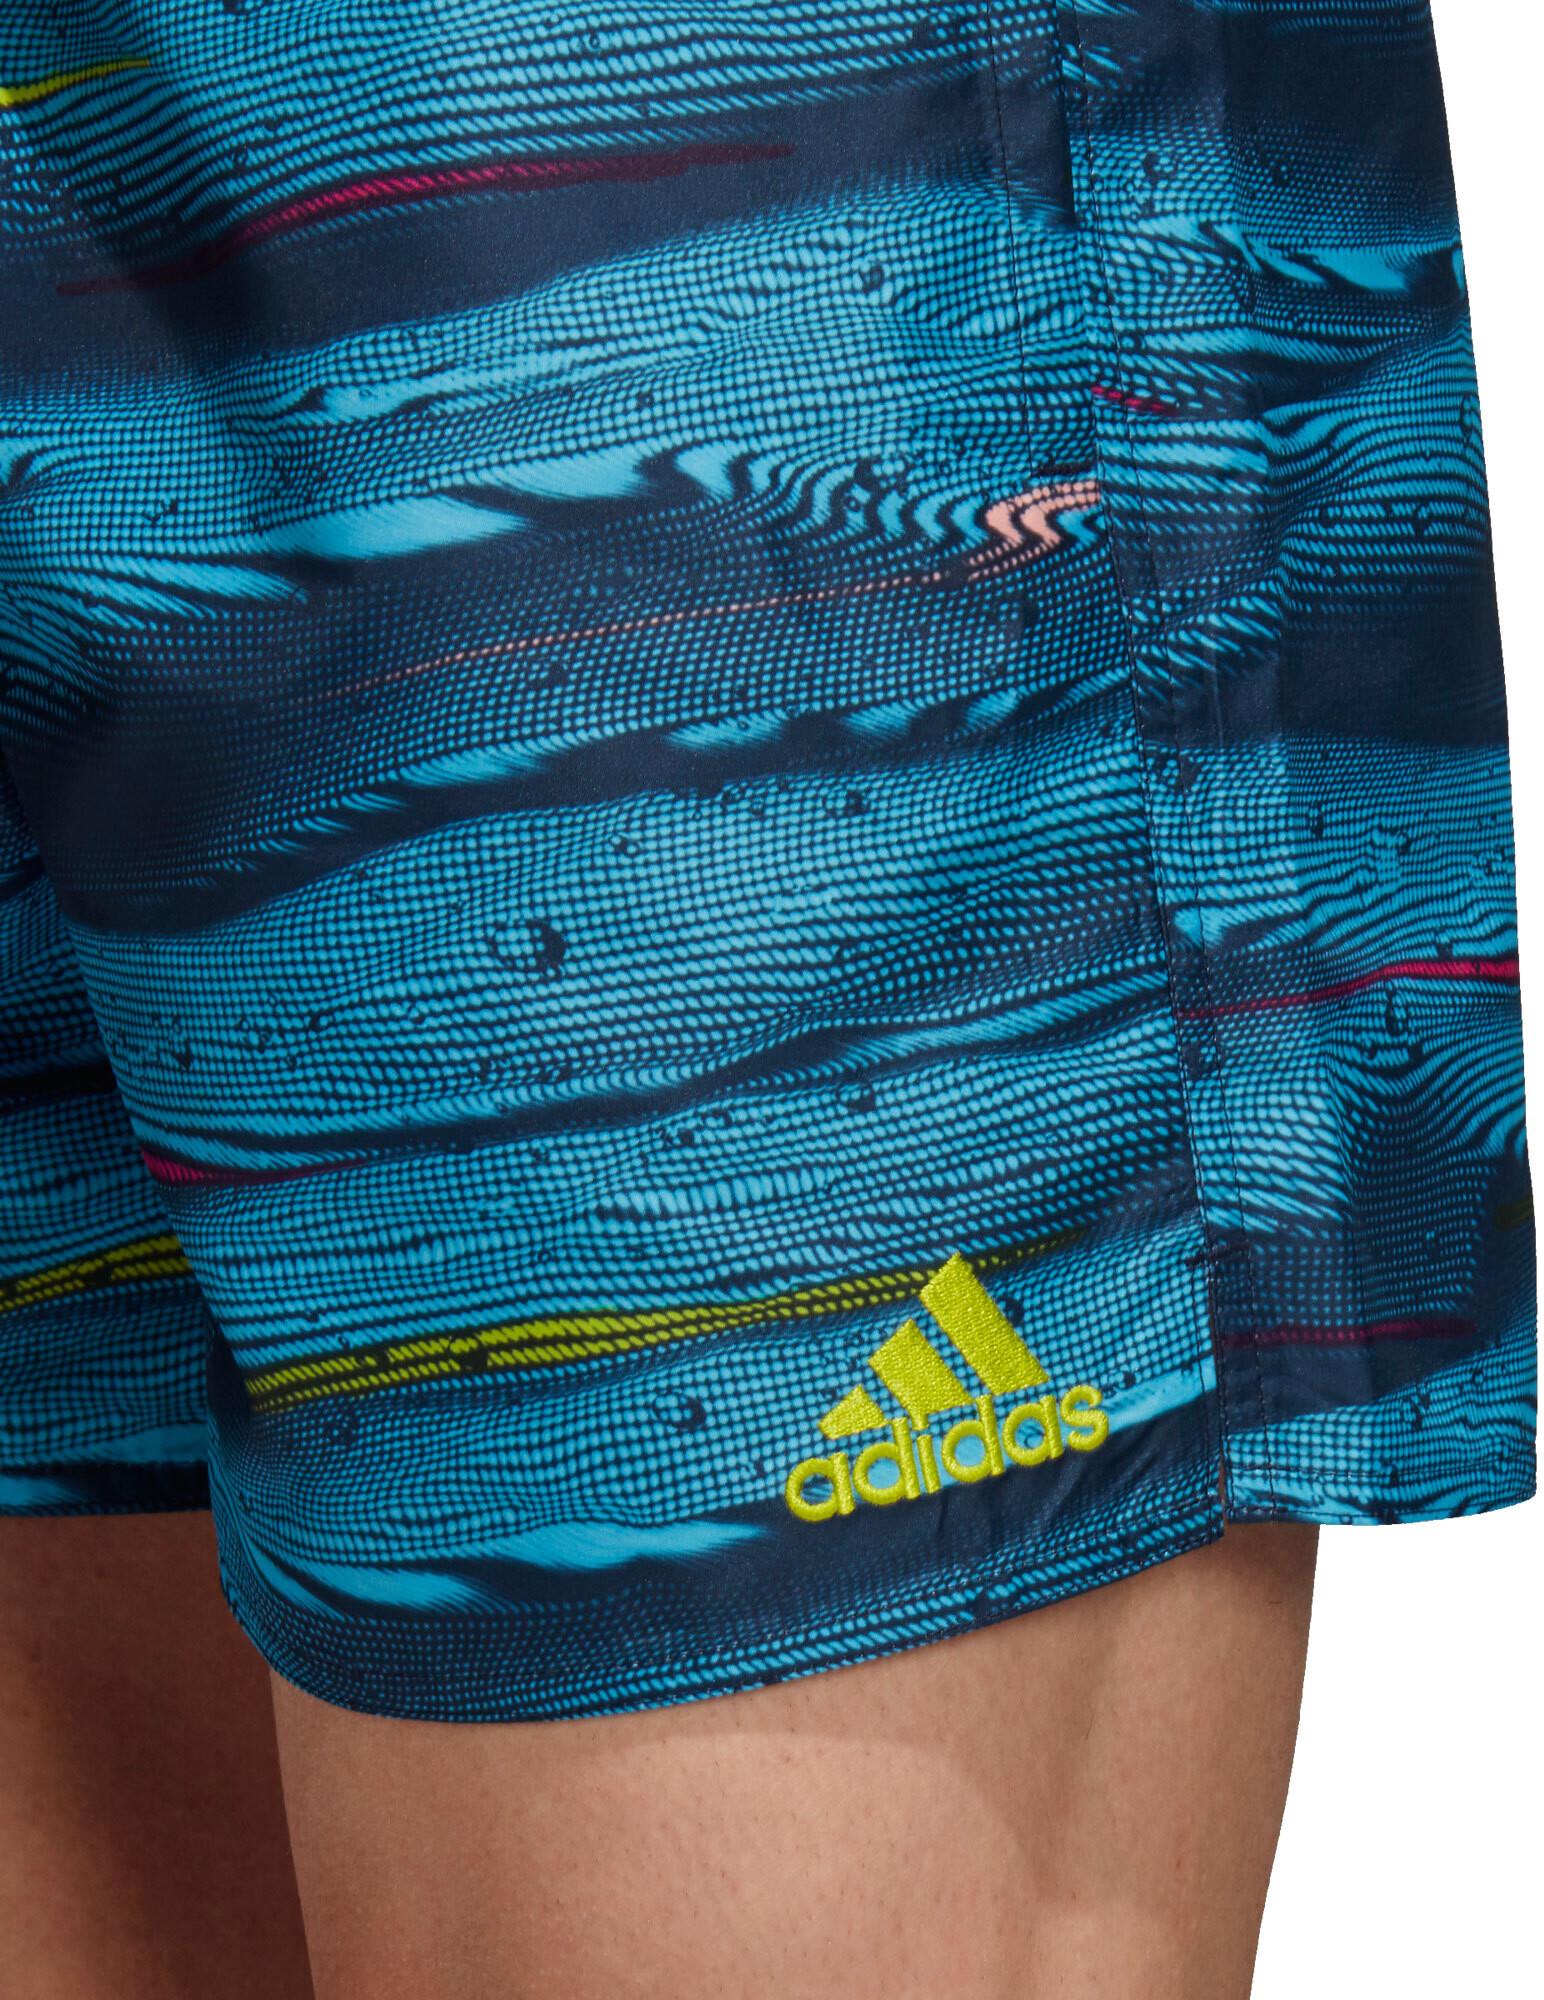 ca81c4bd562188 adidas Parley - Bañadores Hombre - azul | Bikester.es